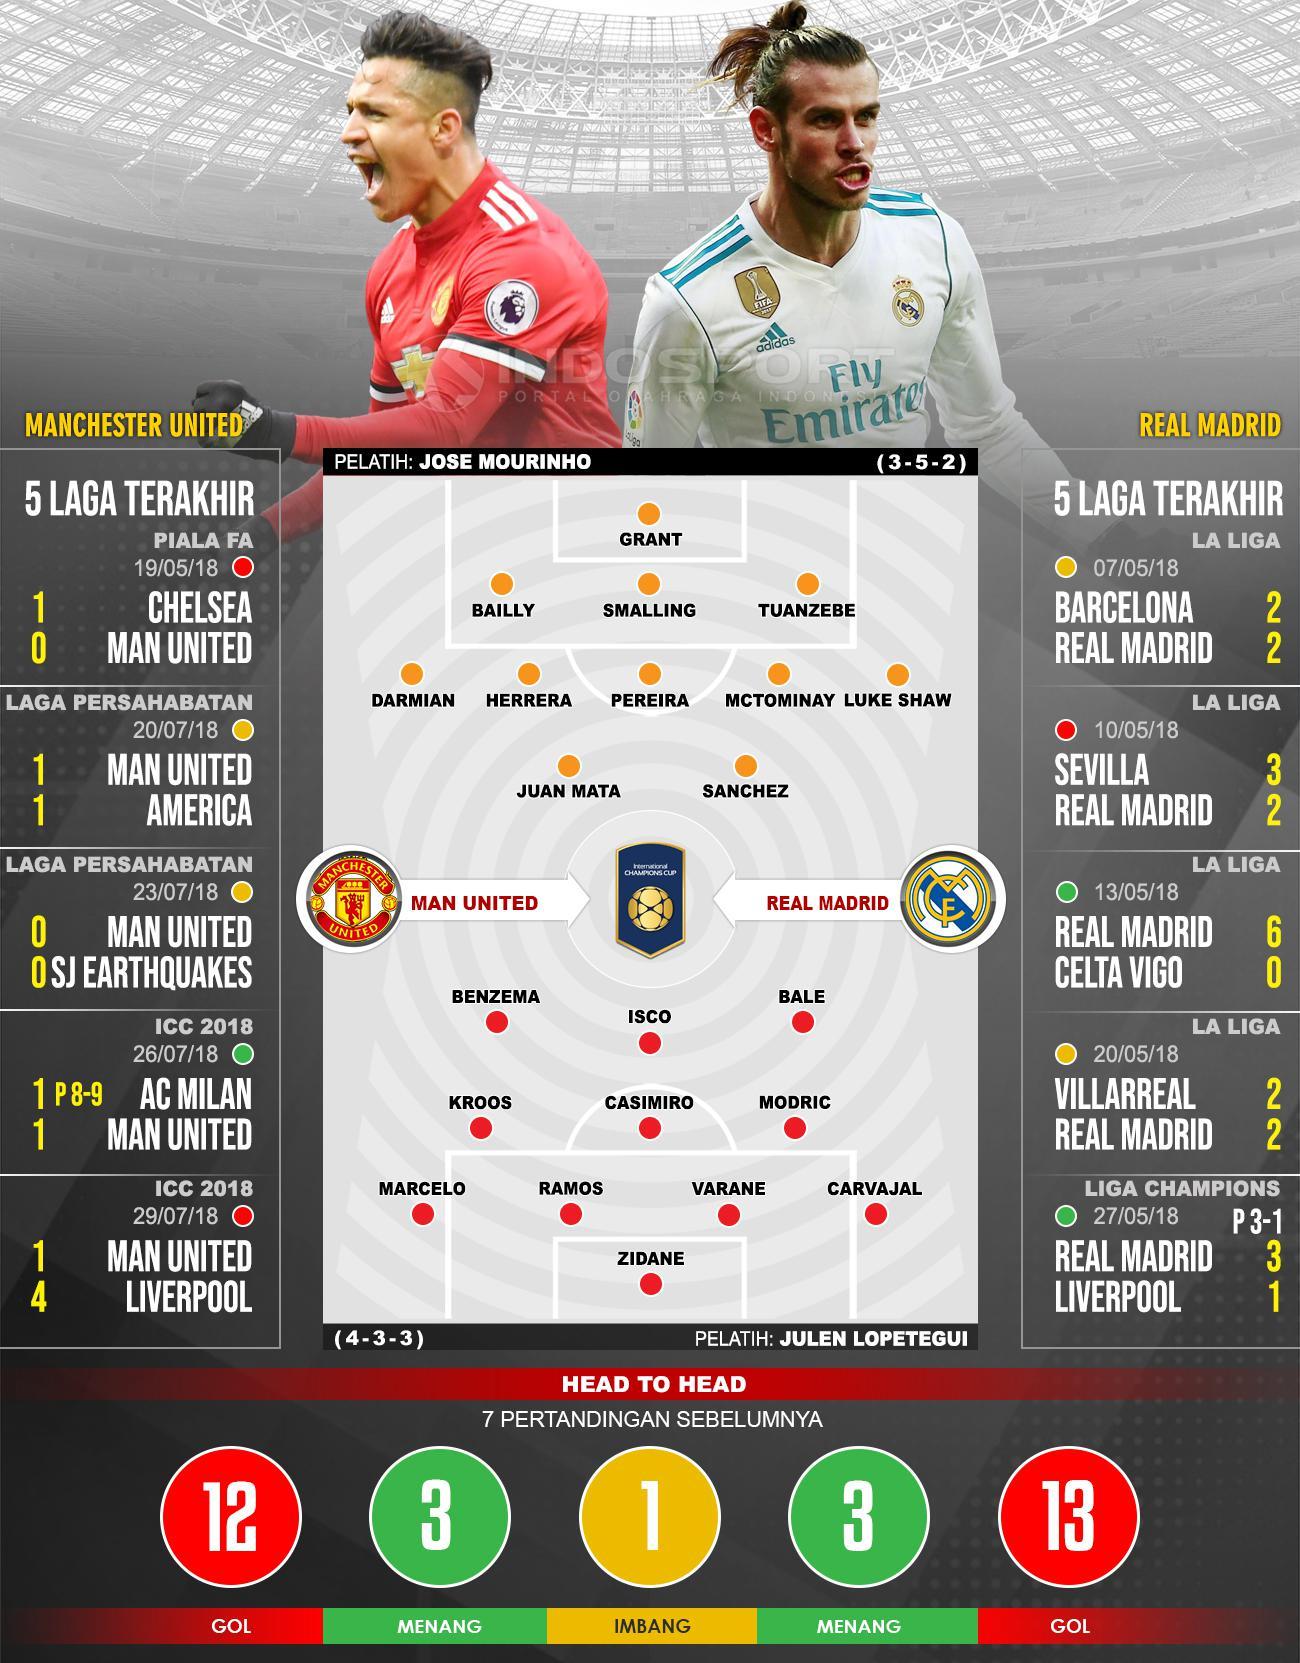 Prediksi Pertandingan ICC 2018 Man United Vs Real Madrid